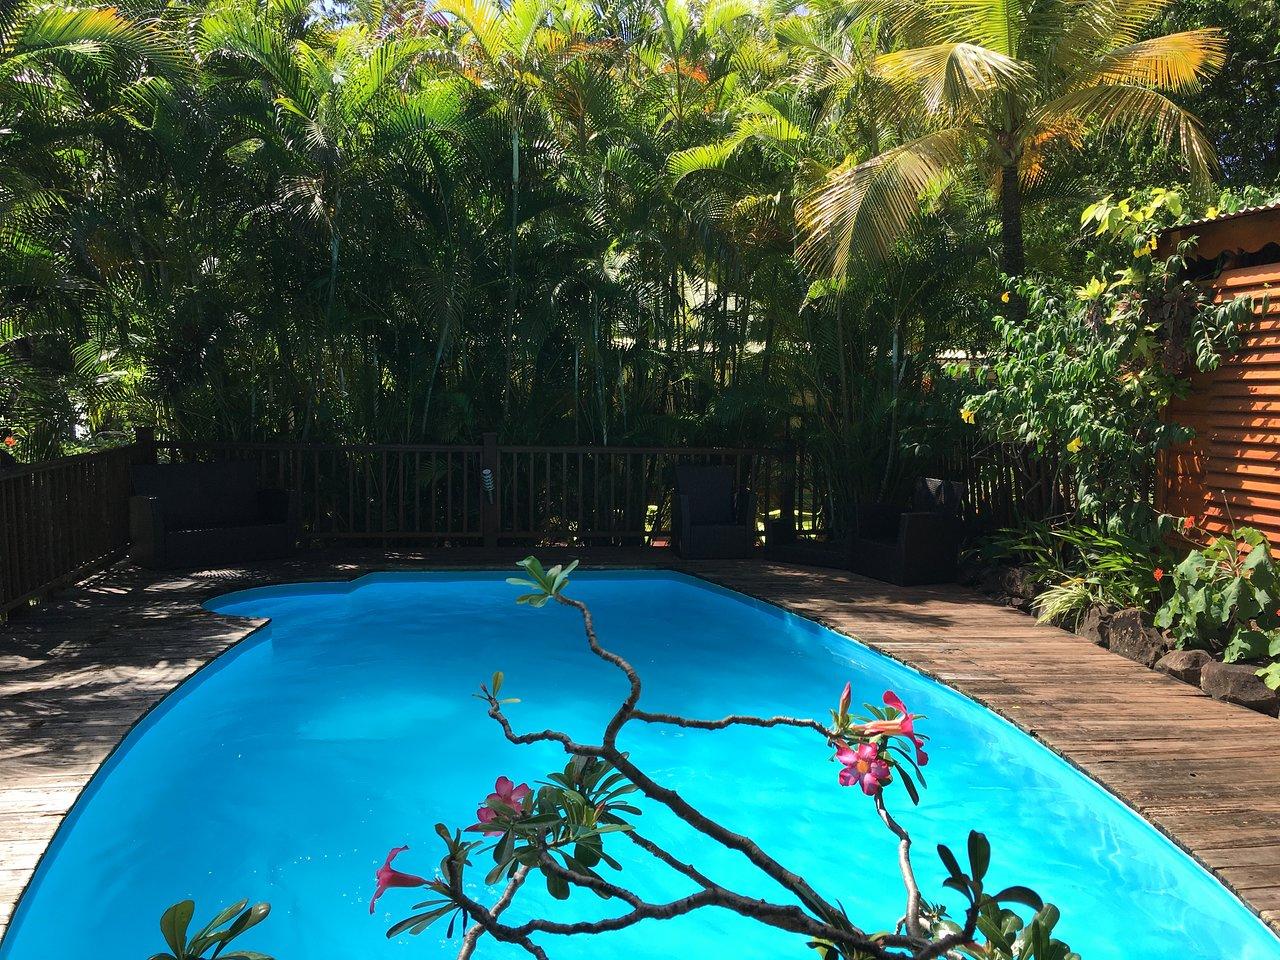 Au Jardin Des Colibris Ecolodge&spa: Bewertungen, Fotos ... encequiconcerne Au Jardin Des Colibris